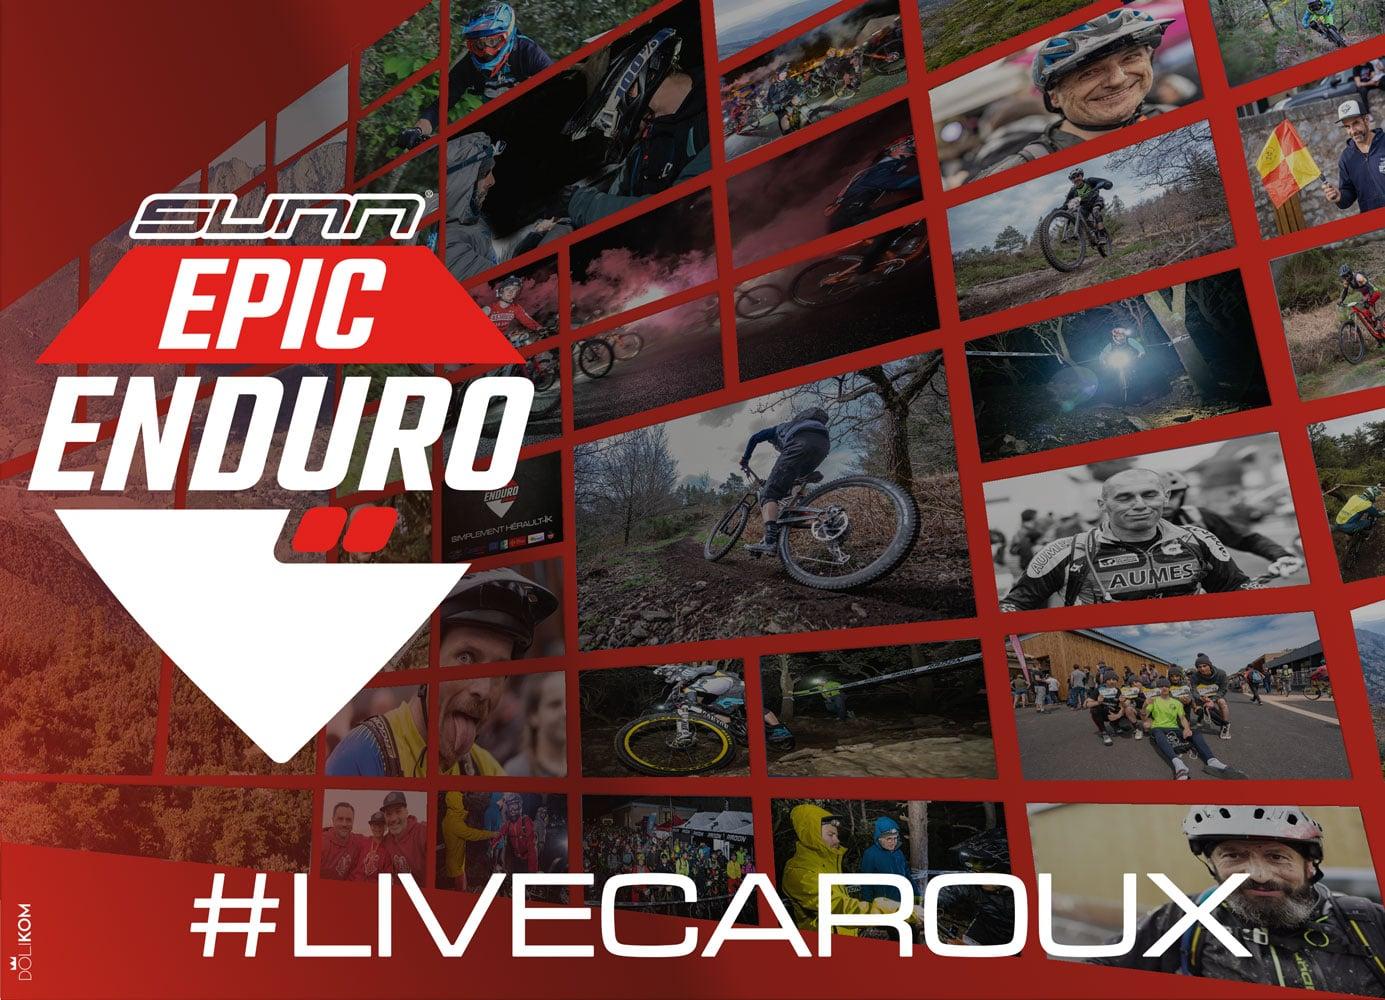 J-1 #livecaroux